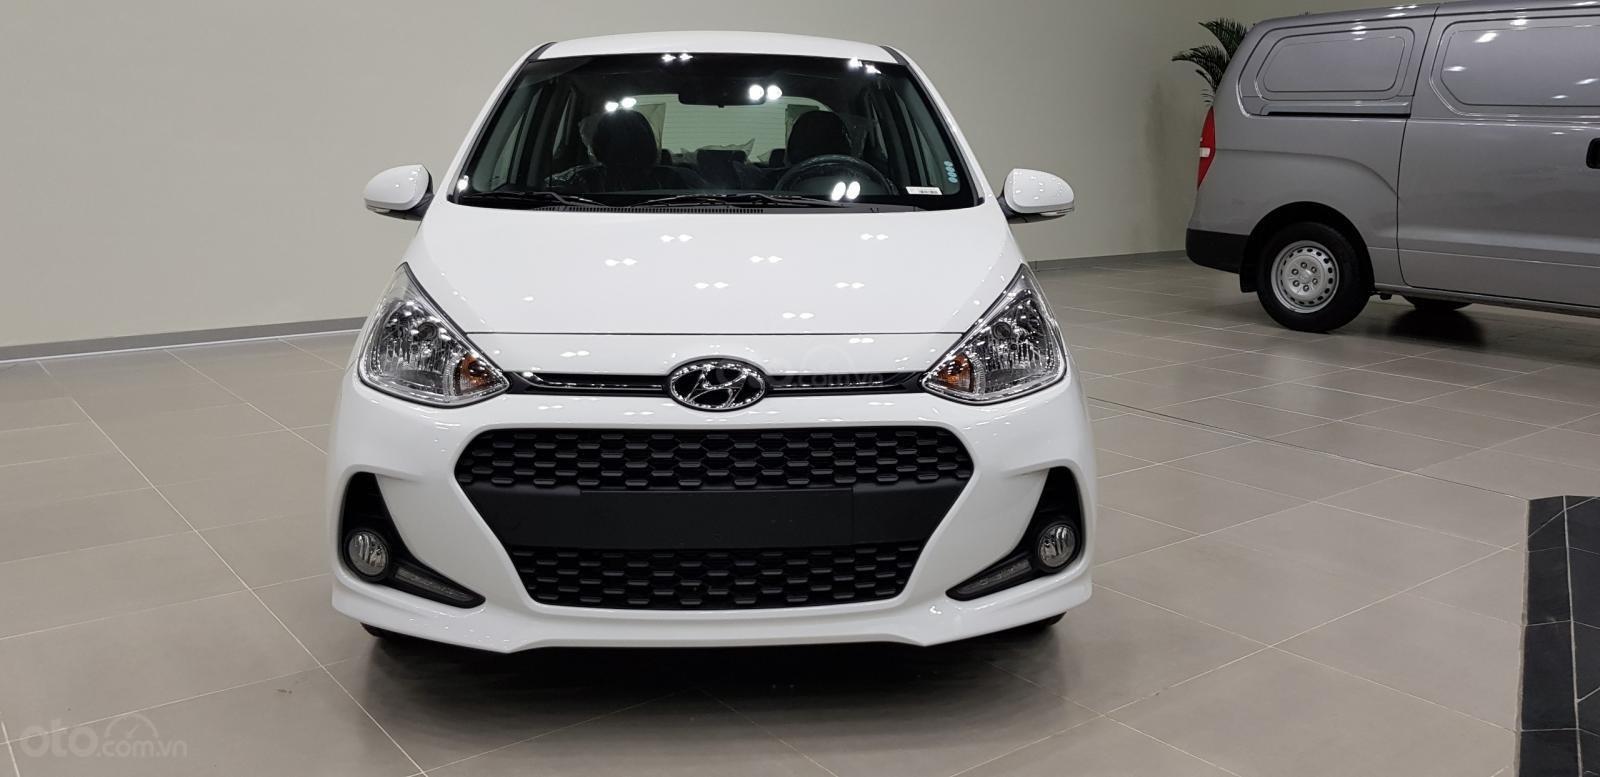 Bán Hyundai i10 hatchback, sản xuất 2019, có giao ngay, giá cạnh tranh, đủ màu, LH 0971626238 (1)